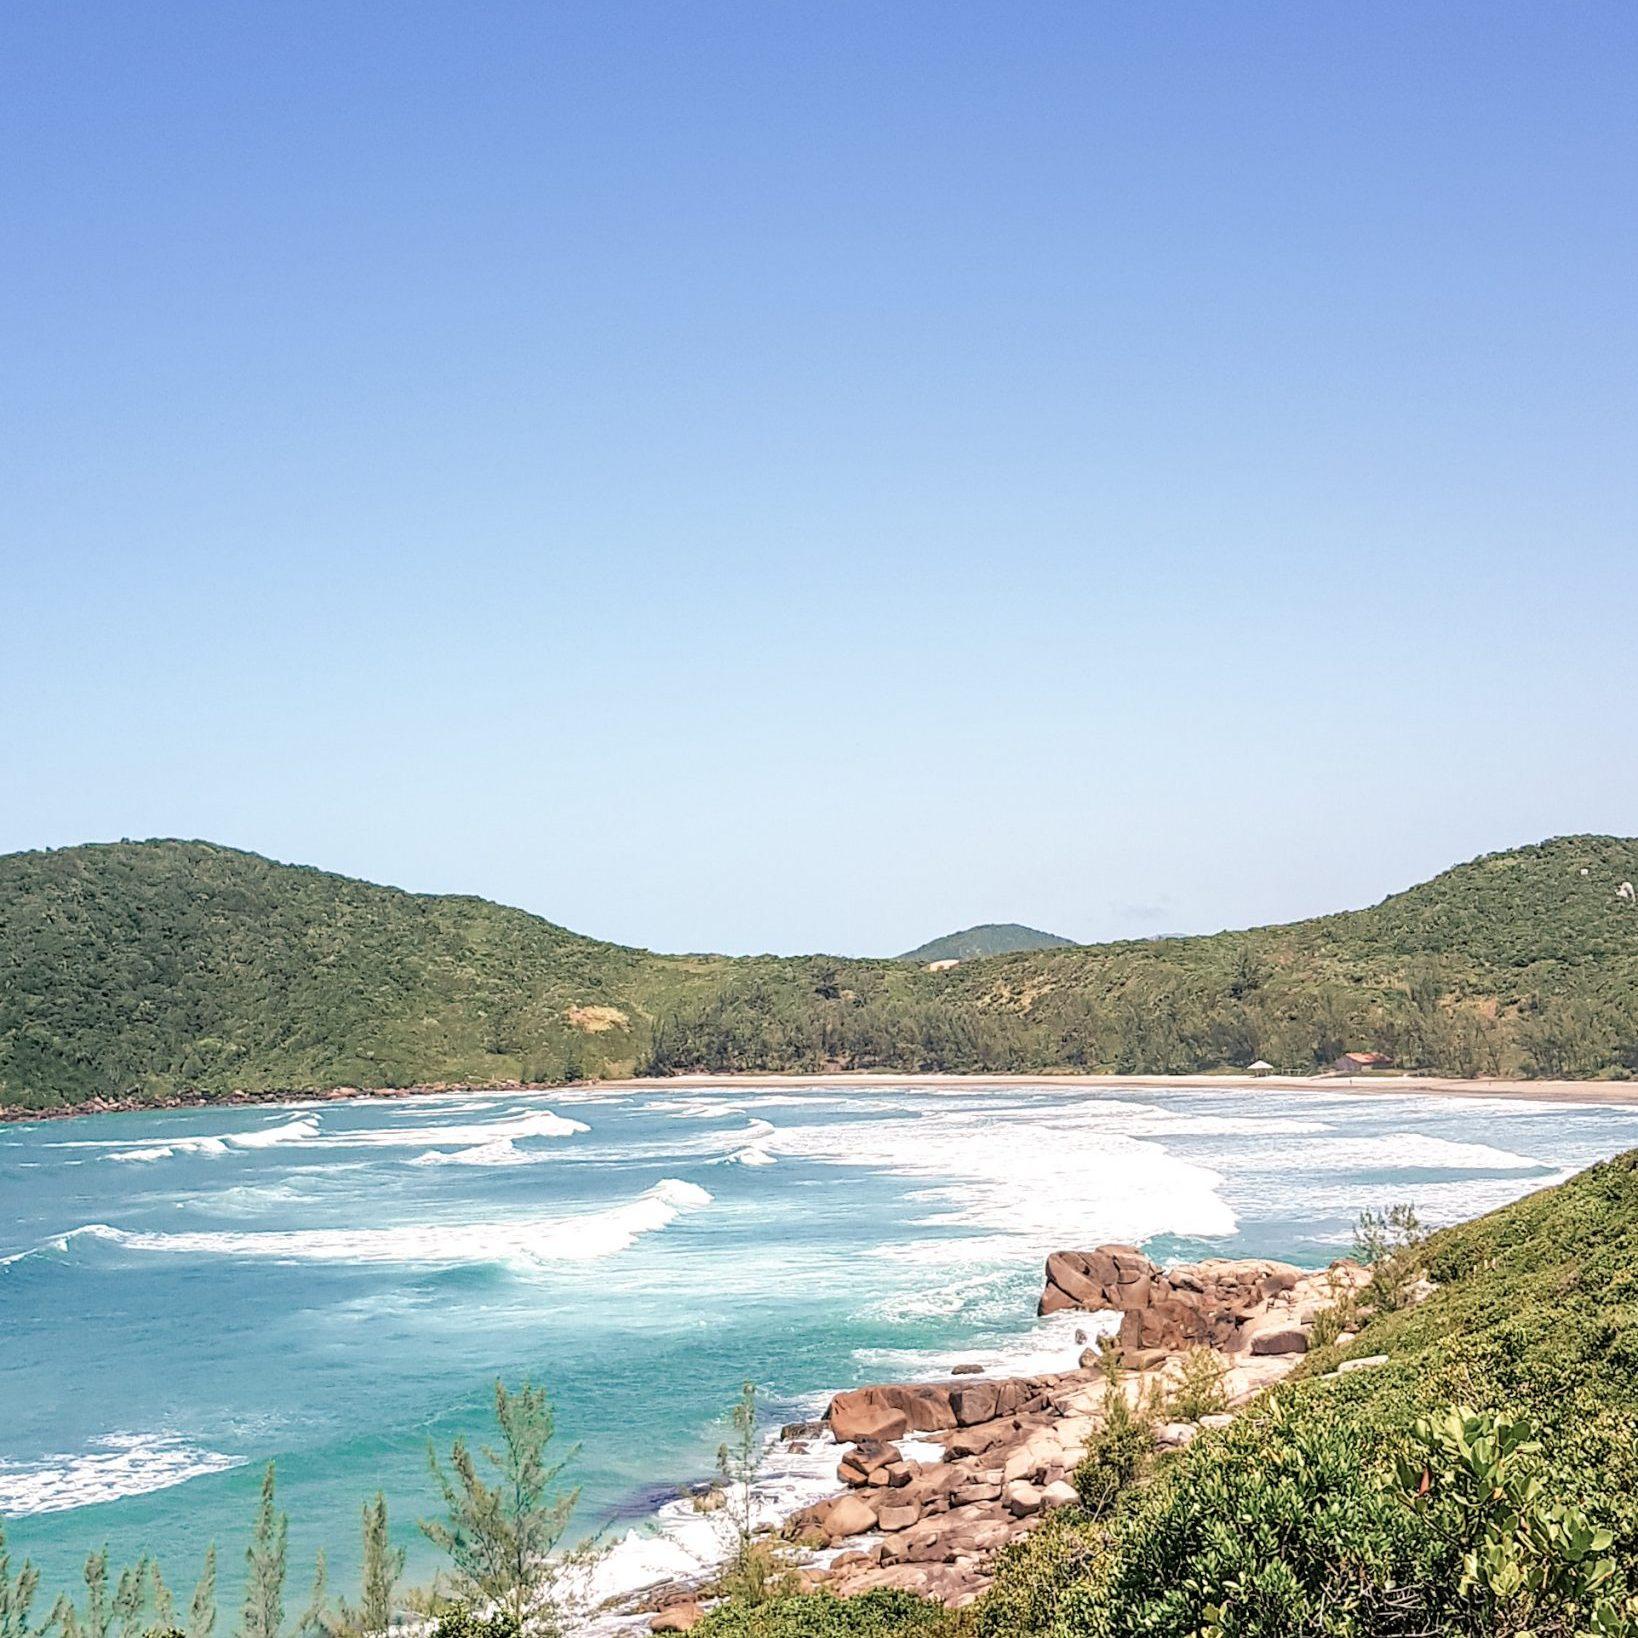 Cidades próximas a Florianópolis para conhecer /